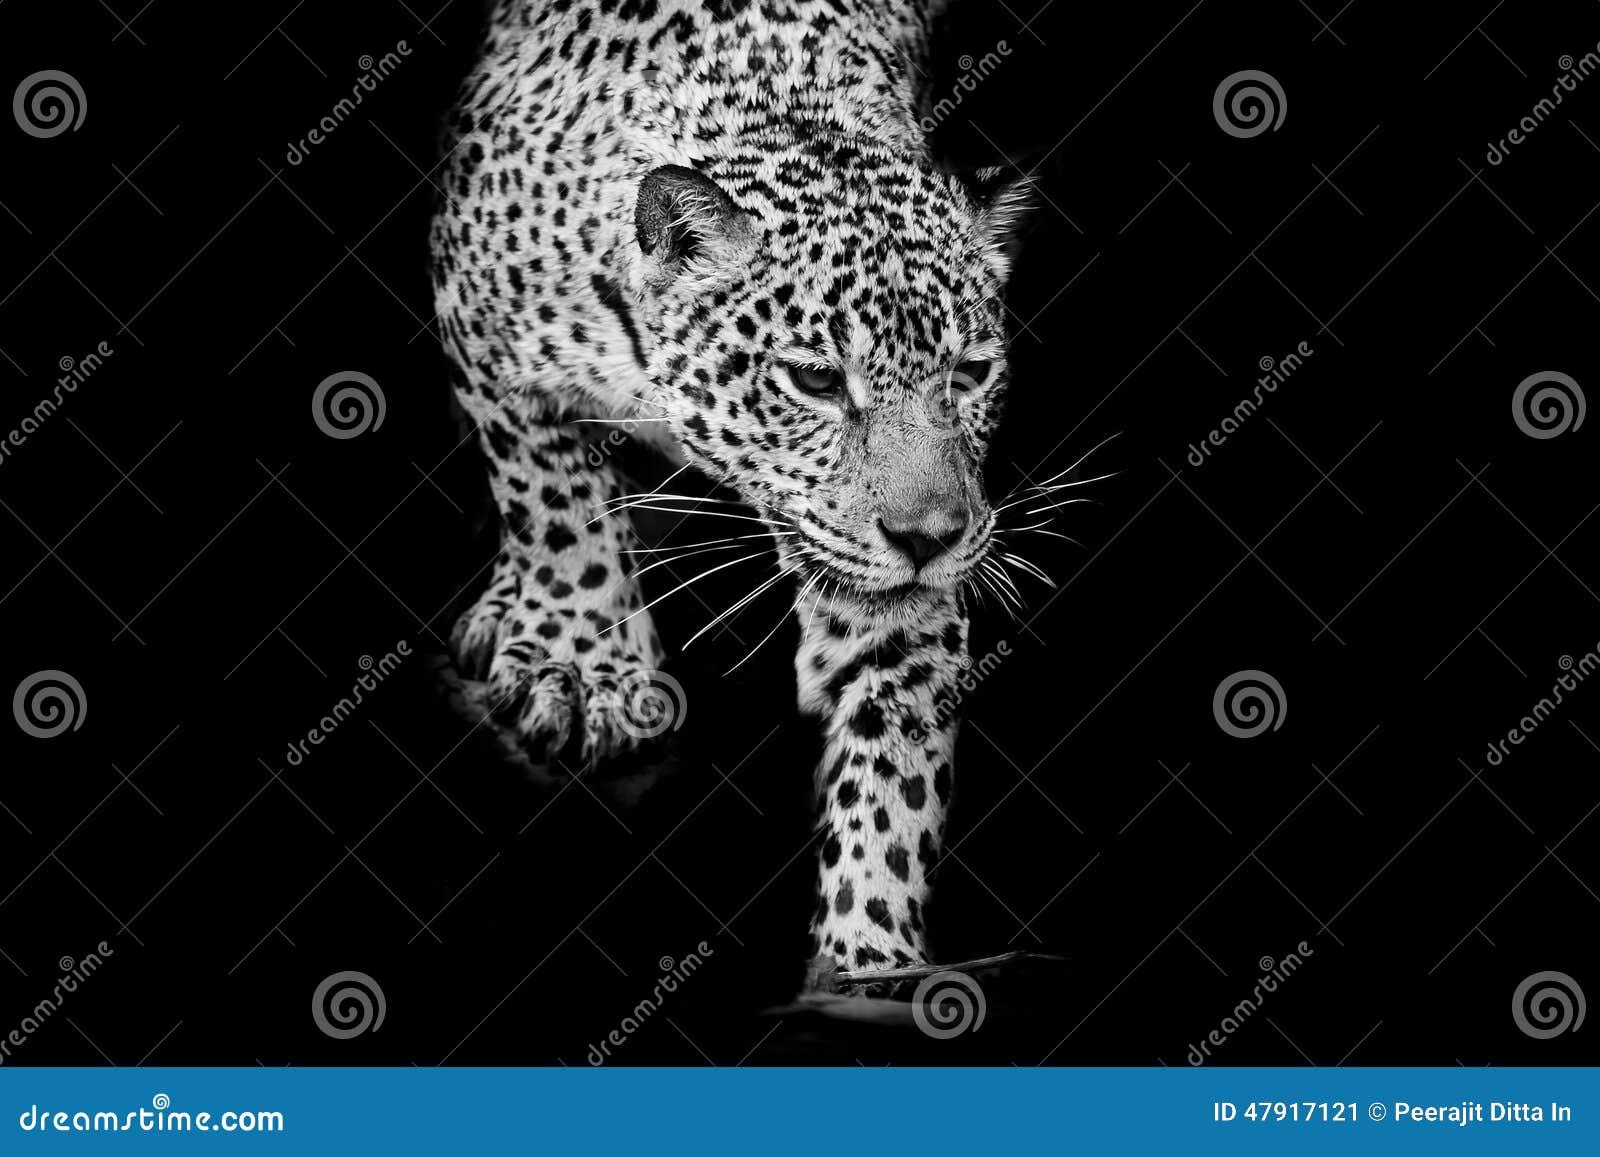 Close up black and white jaguar portrait